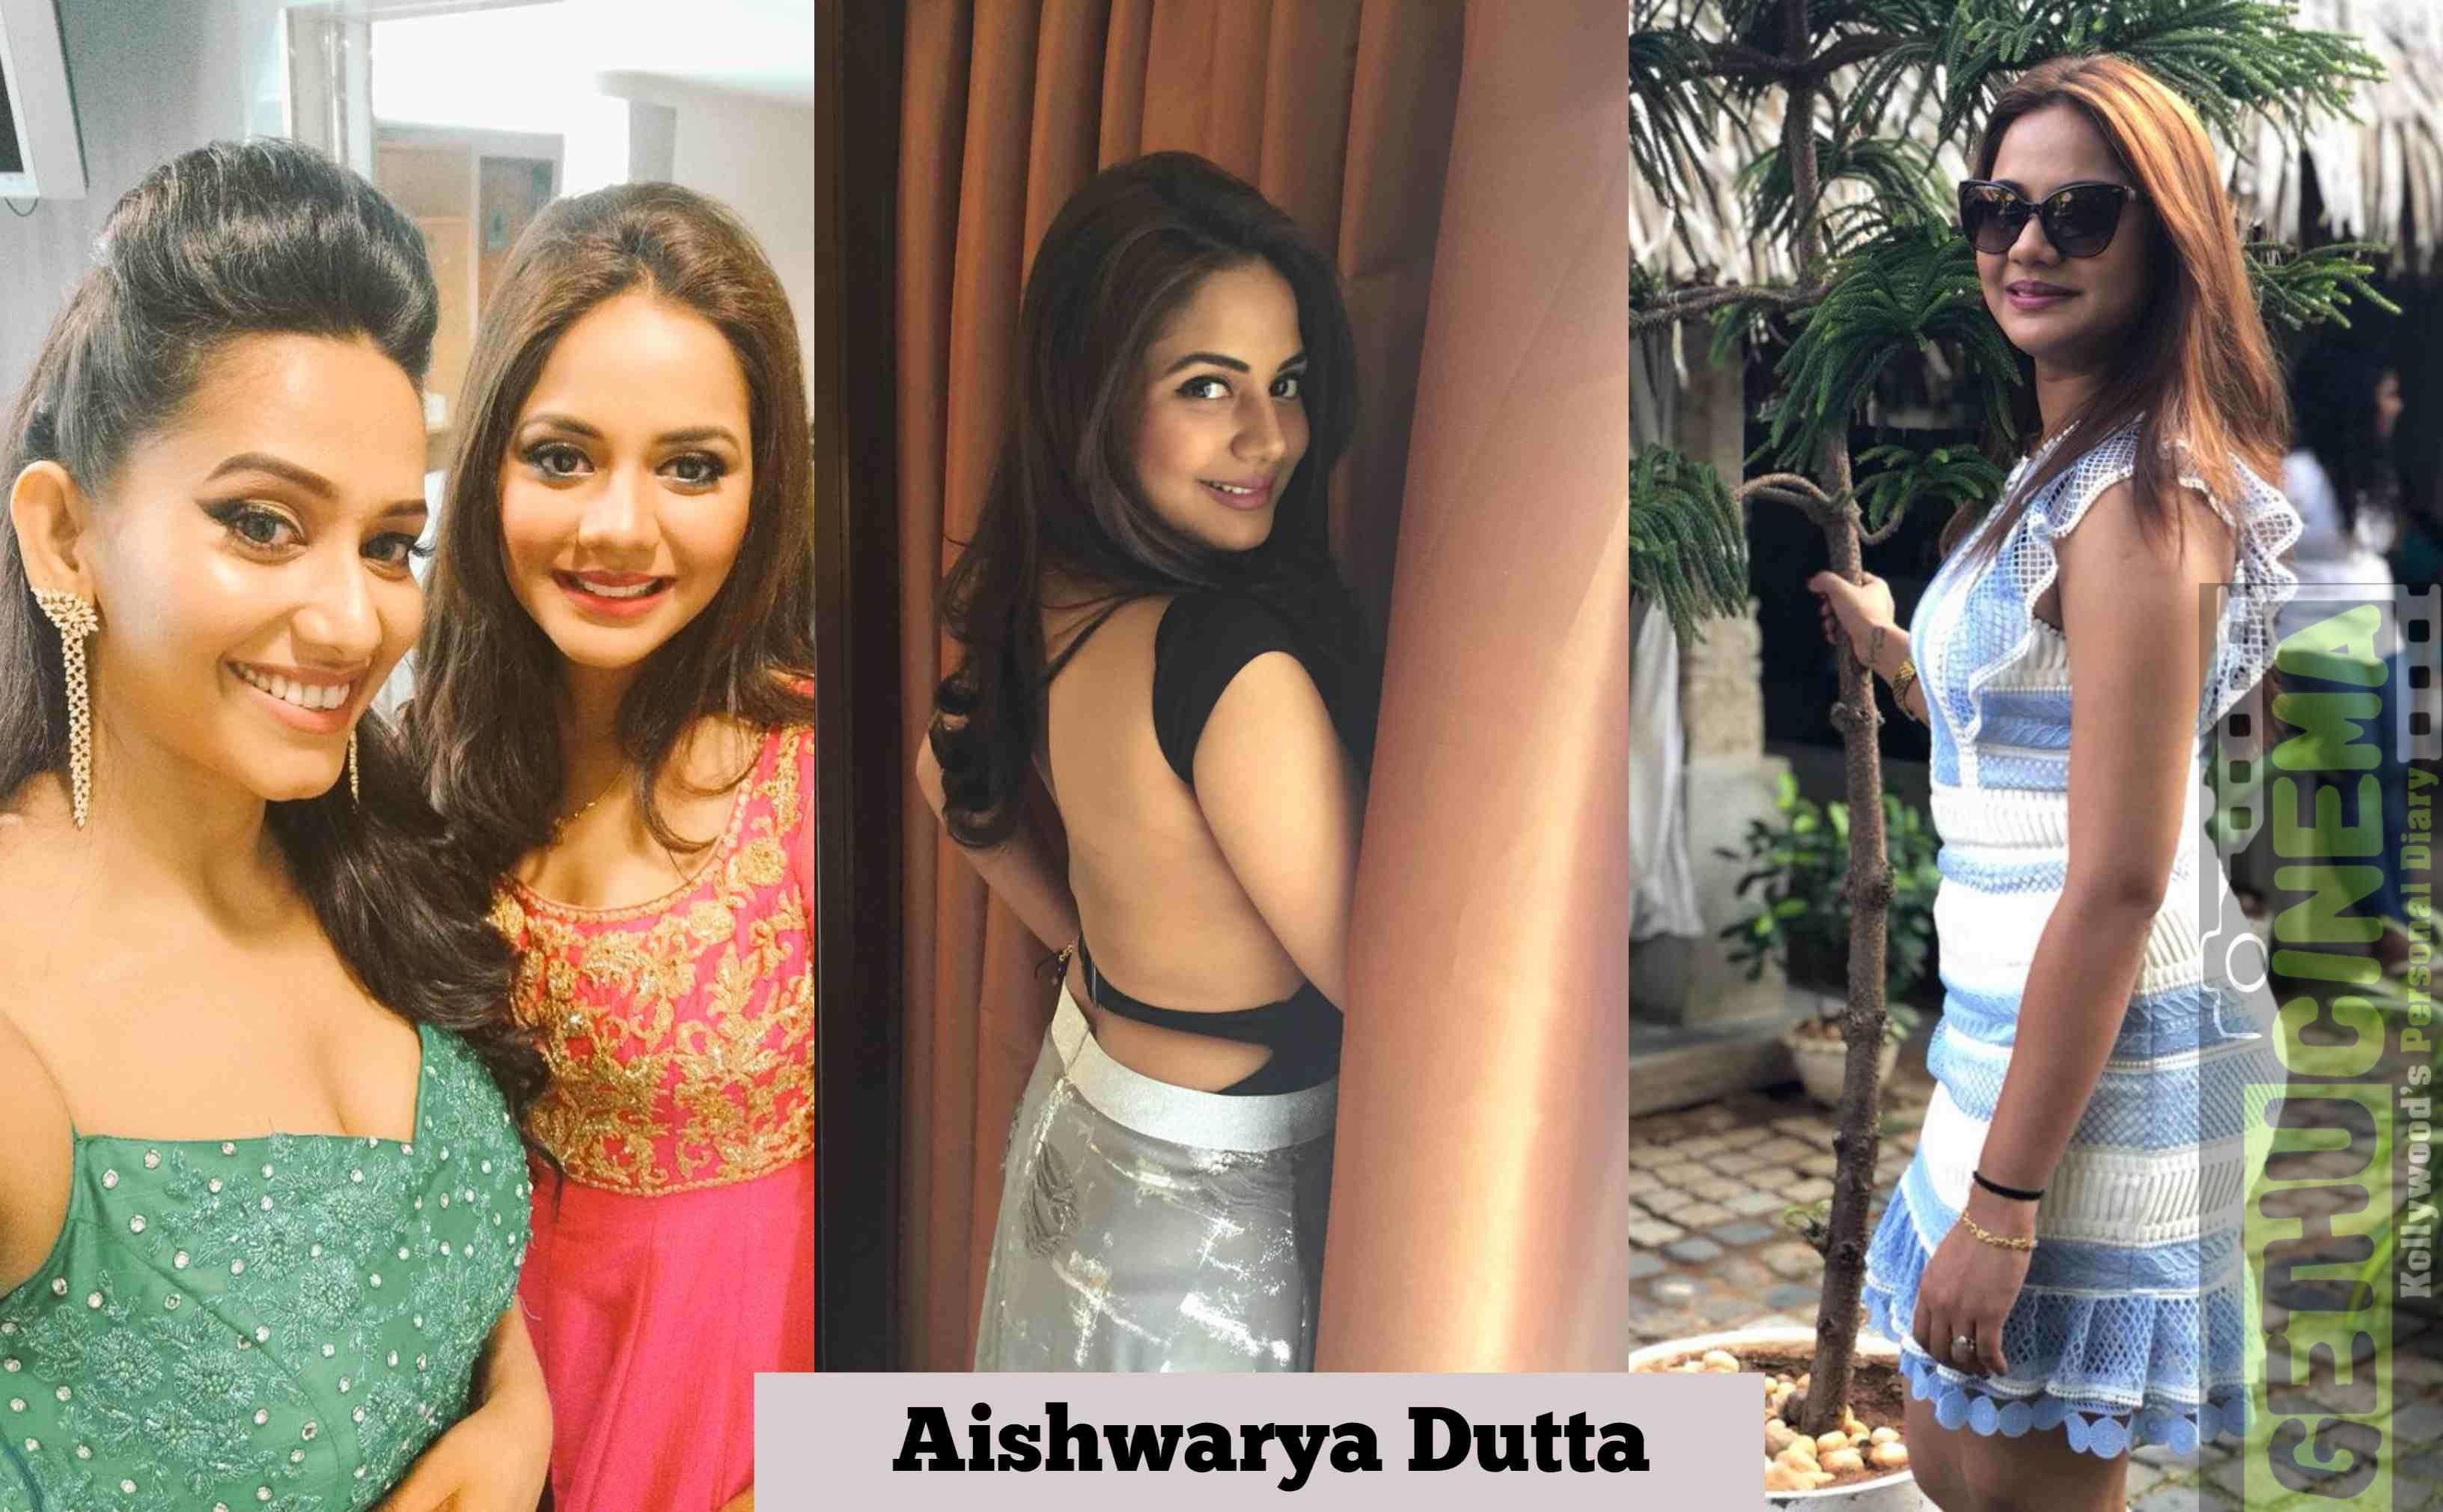 Bigg Boss 2 Tamil Contestant Aishwarya Dutta Photoshoot & HD